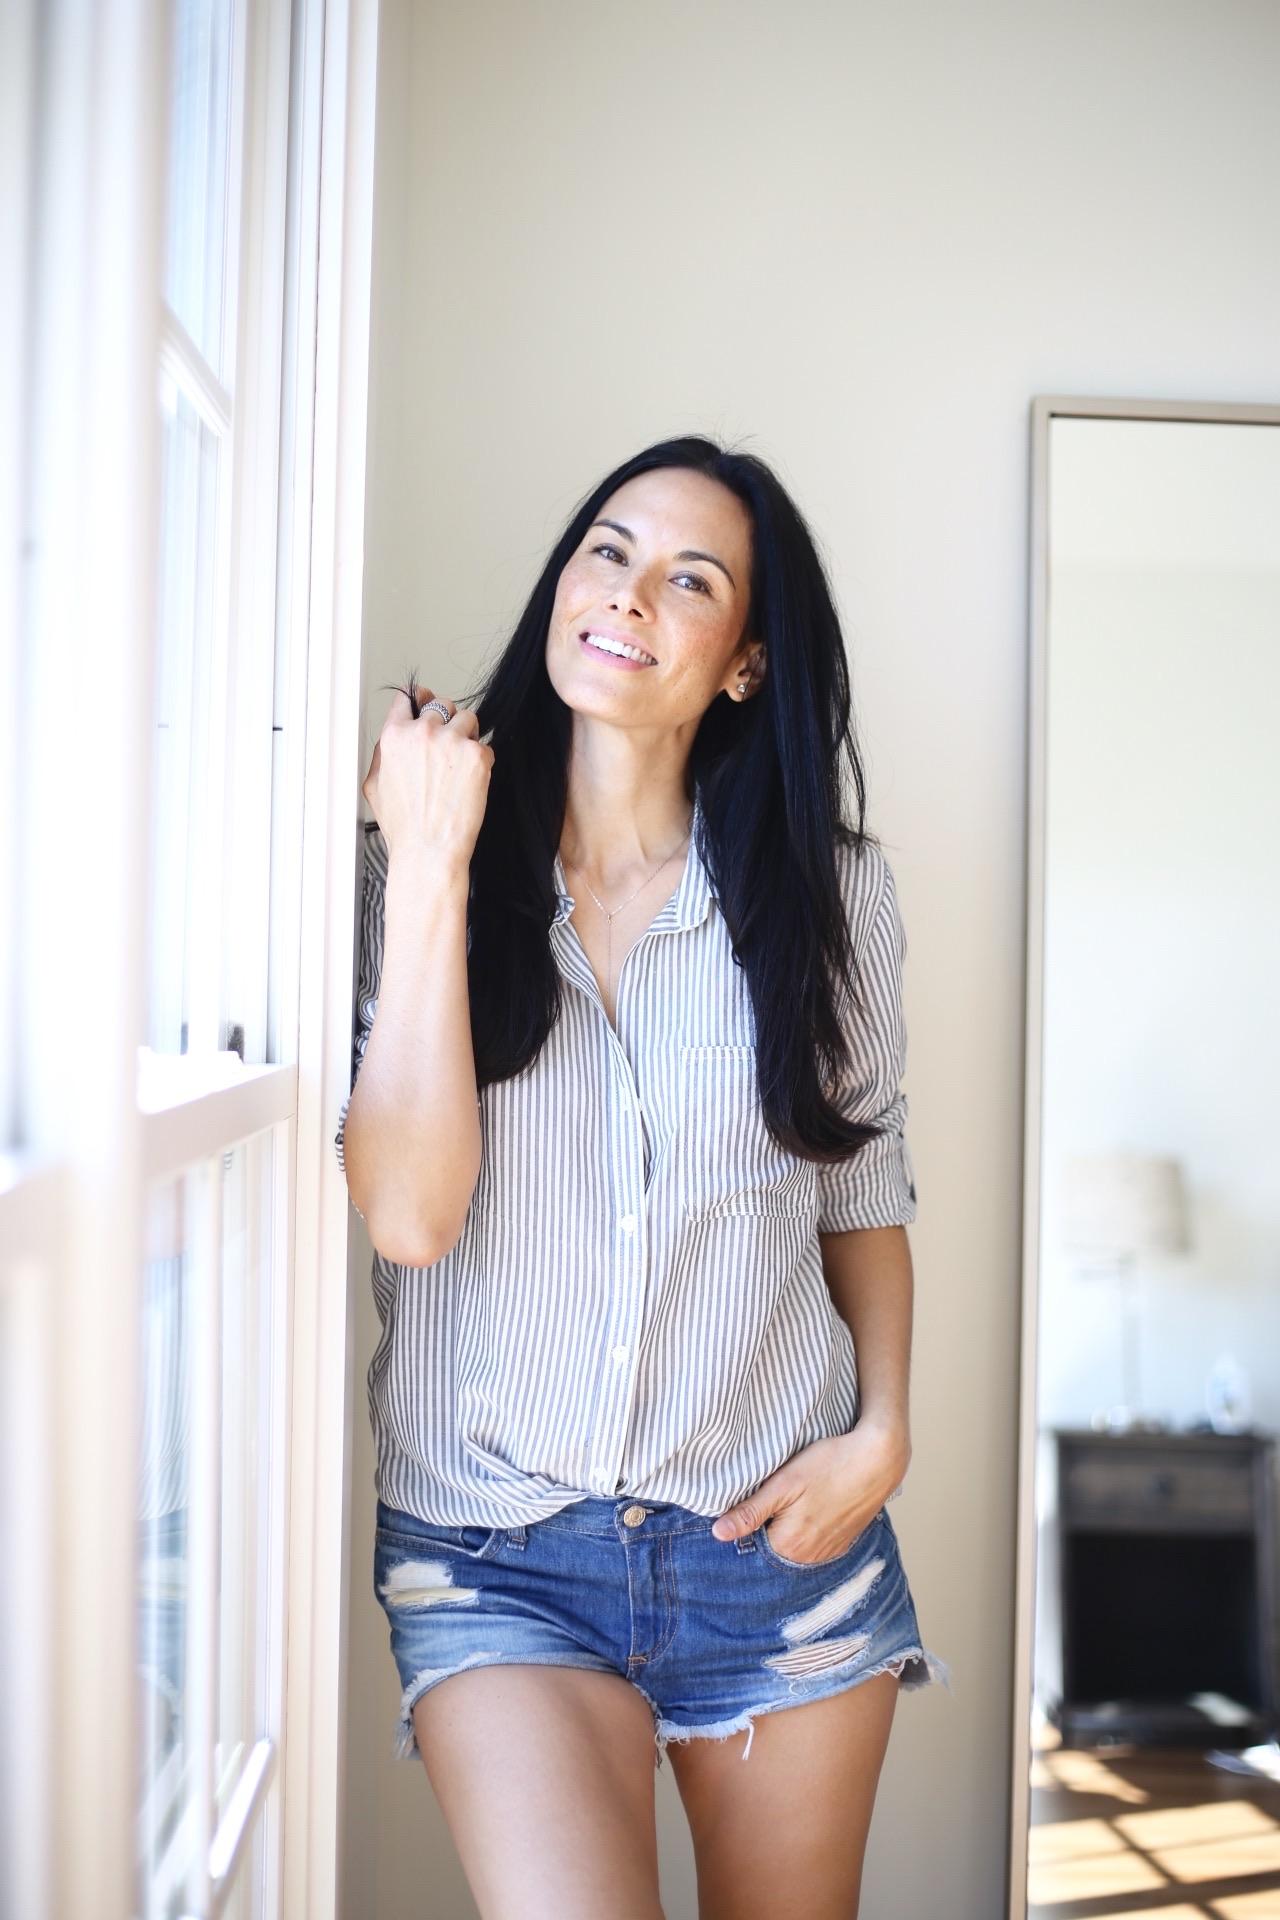 striped blouse  similar  | rag and bone  cutoffs  | image : Sydney Clawson |